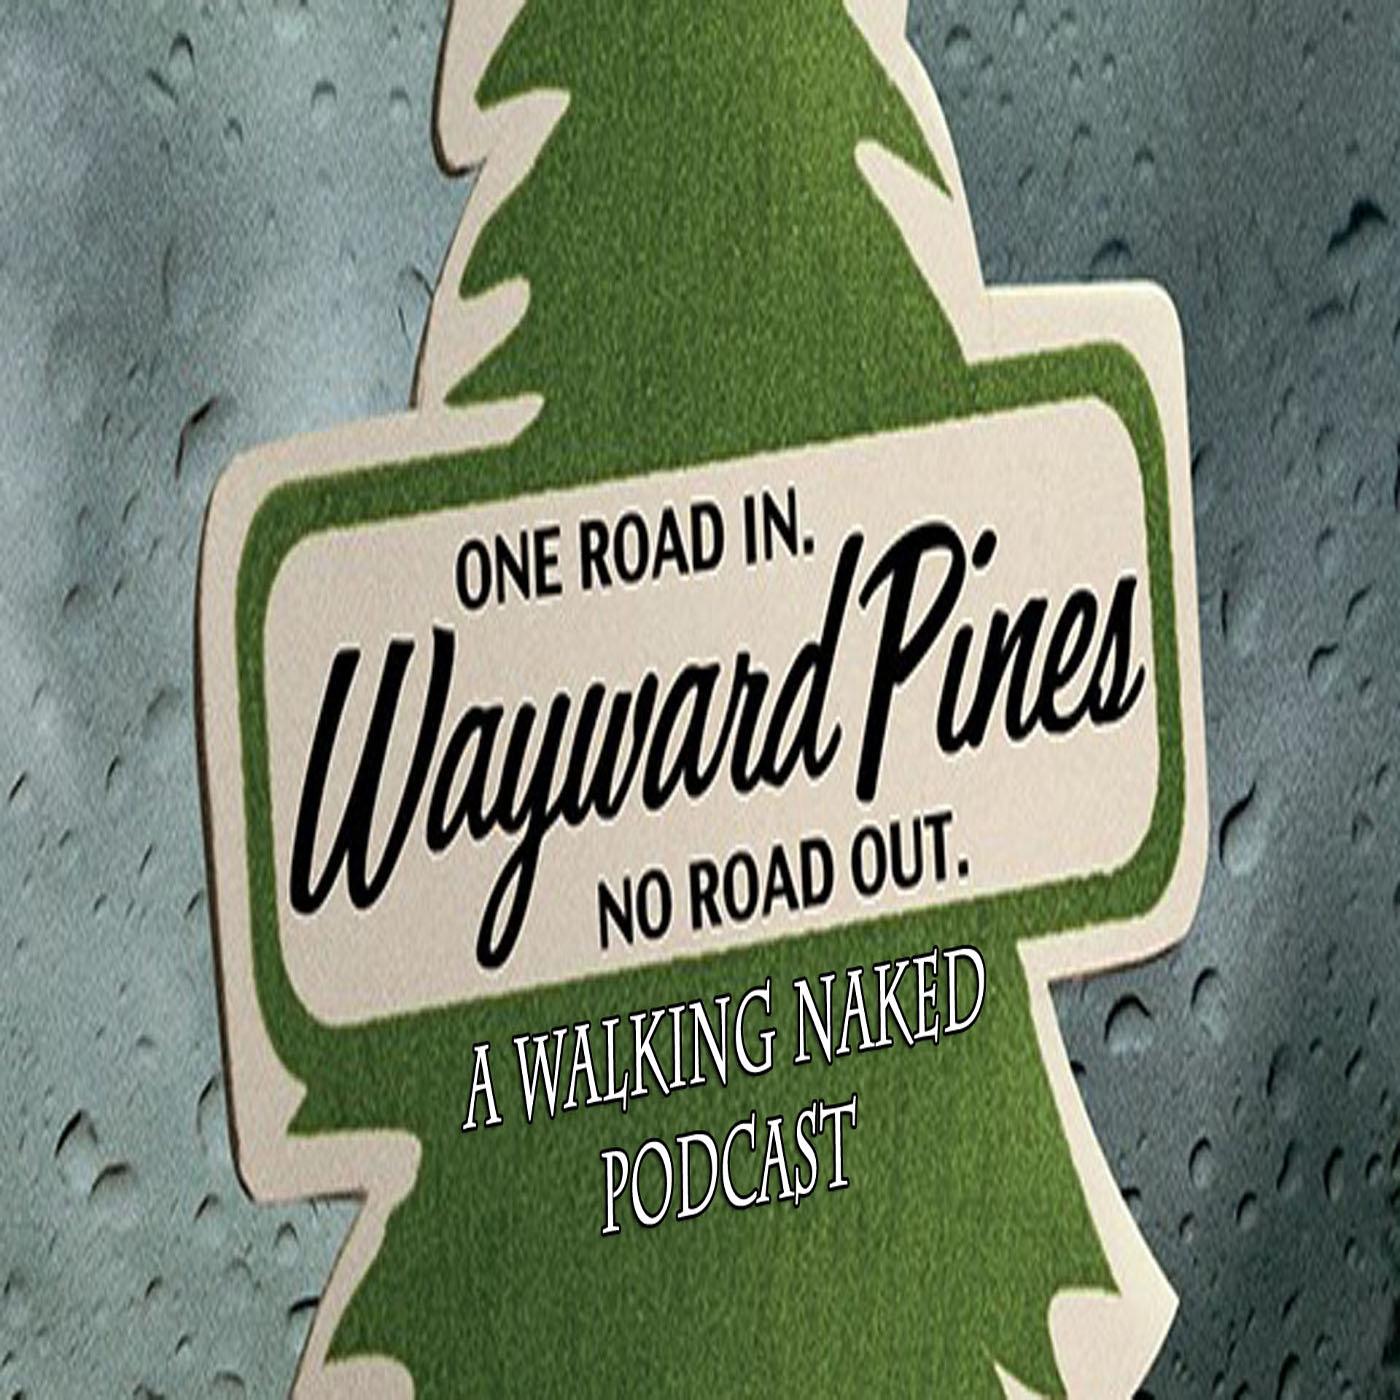 Wayward Pines: A Walking Naked Podcast